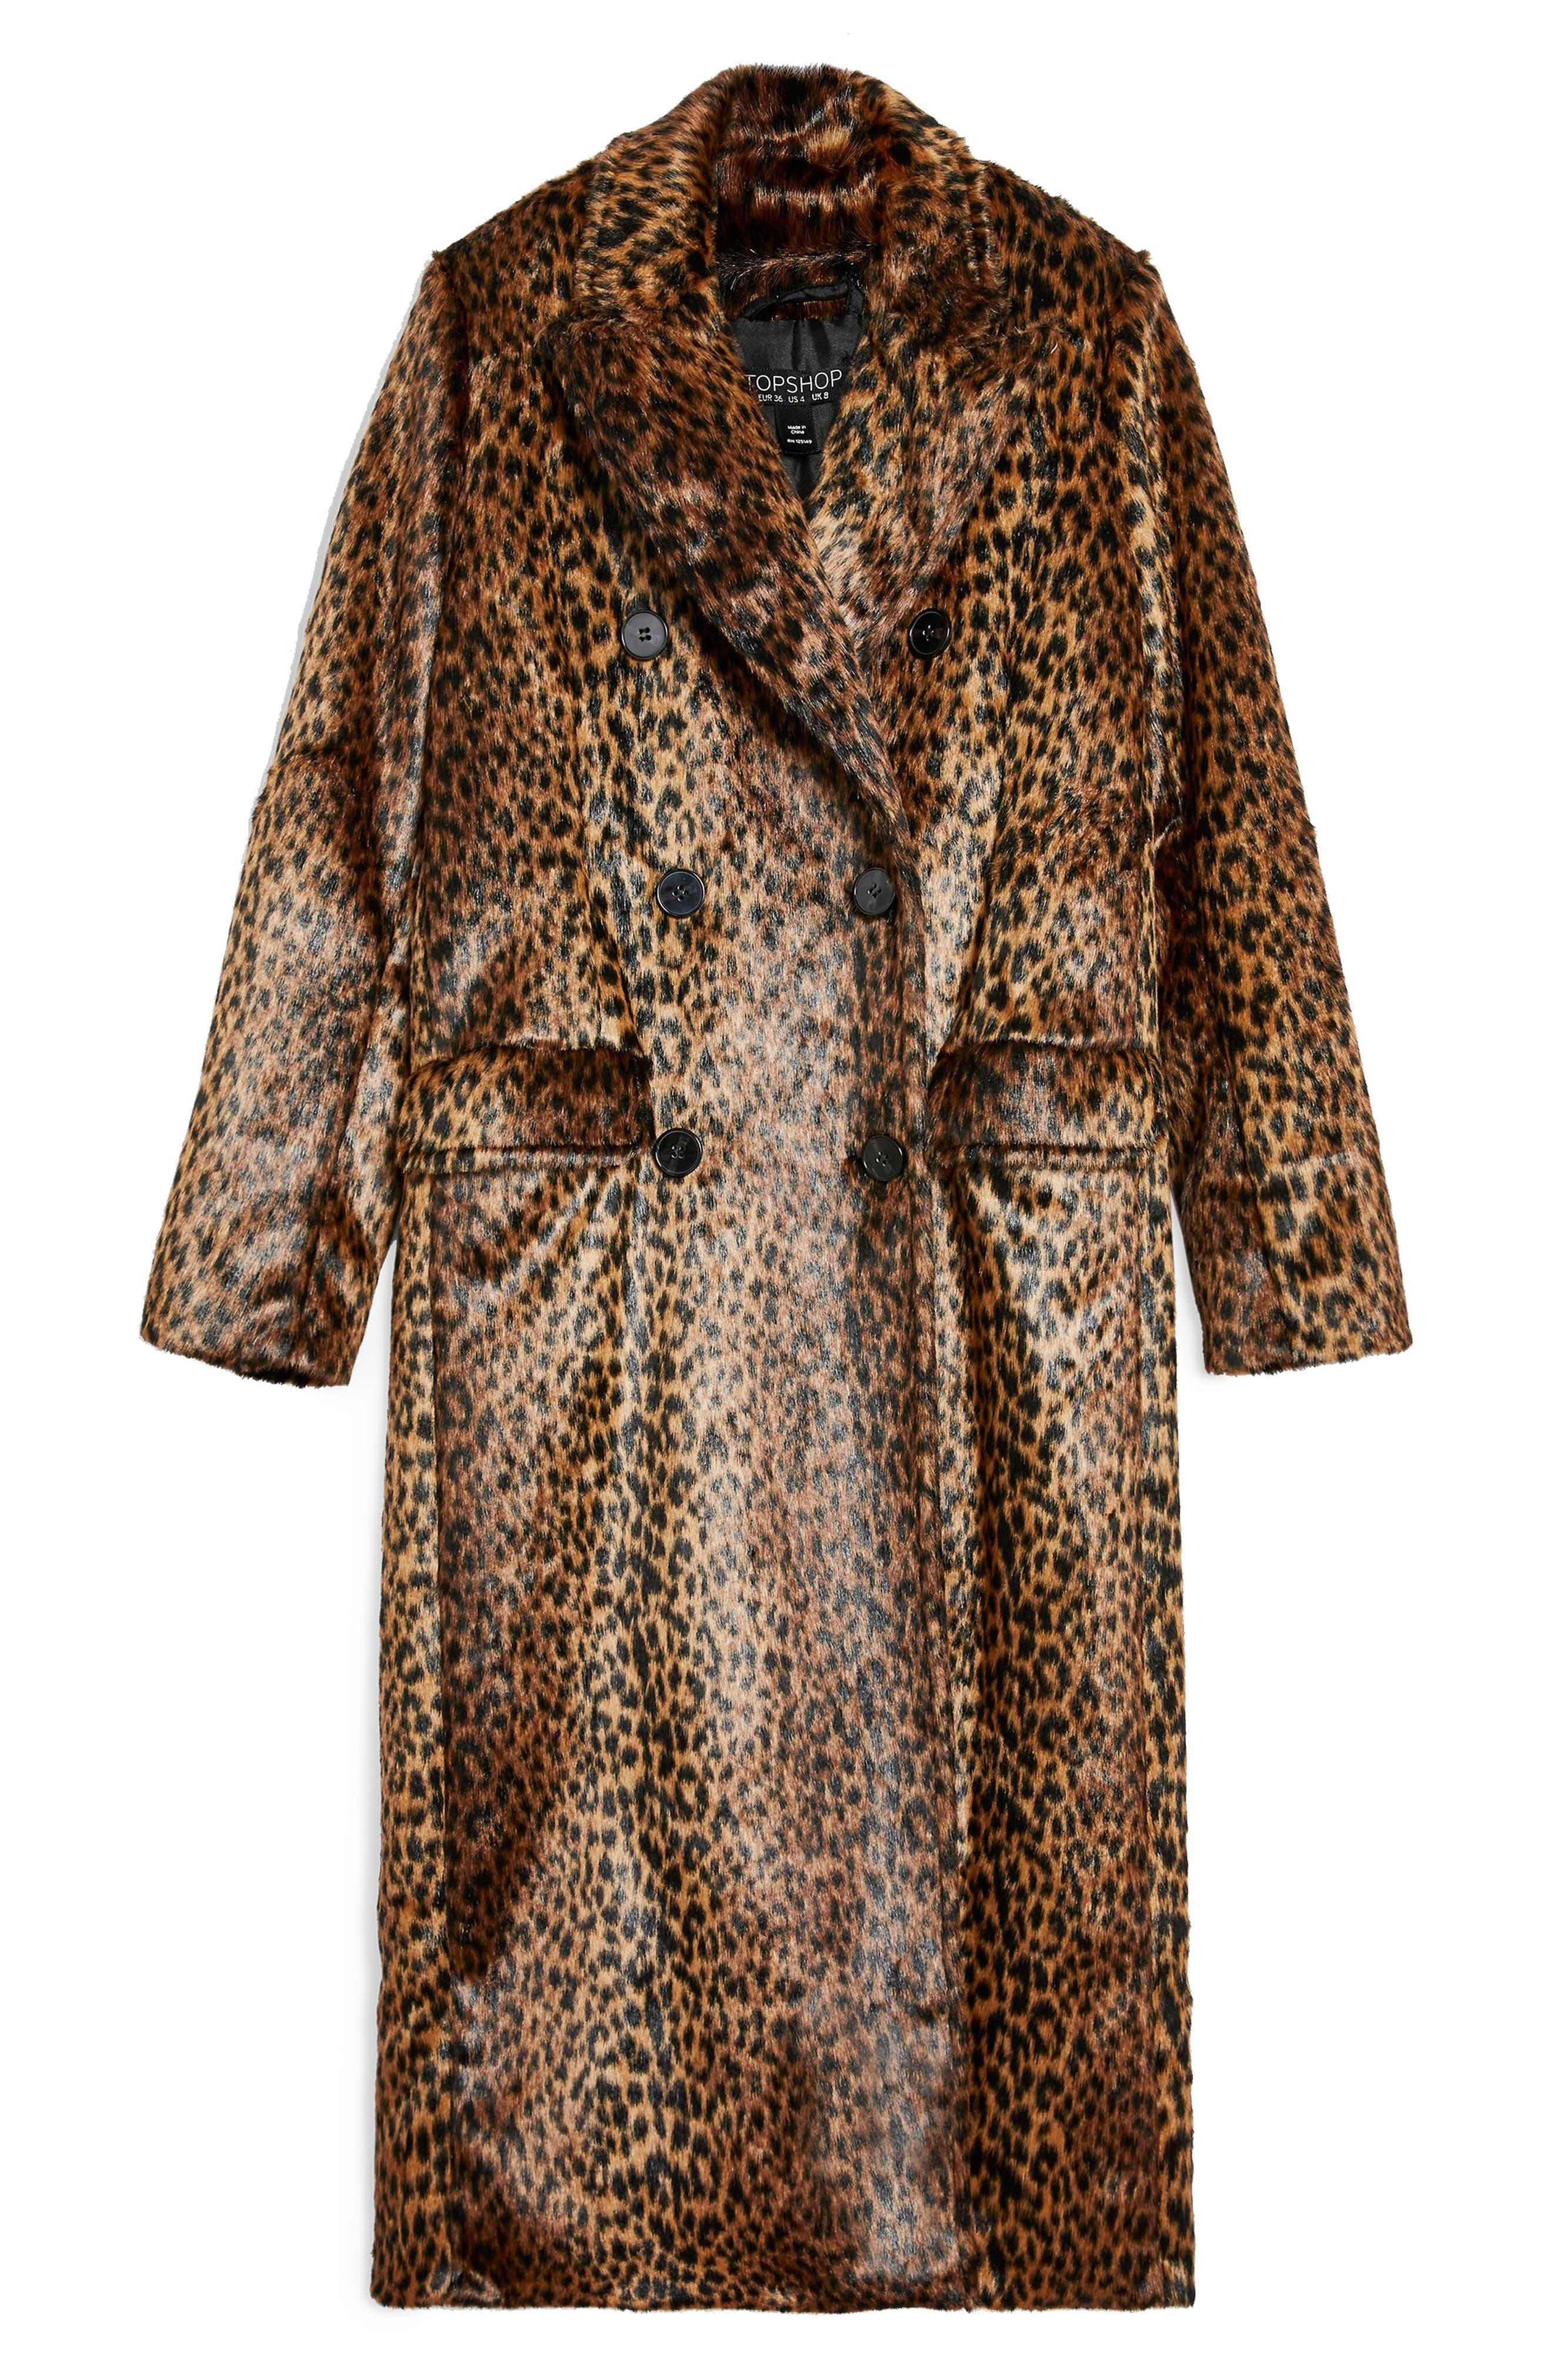 TOPSHOP,                             Toni Faux Fur Leopard Long Coat,                             Alternate thumbnail 6, color,                             200